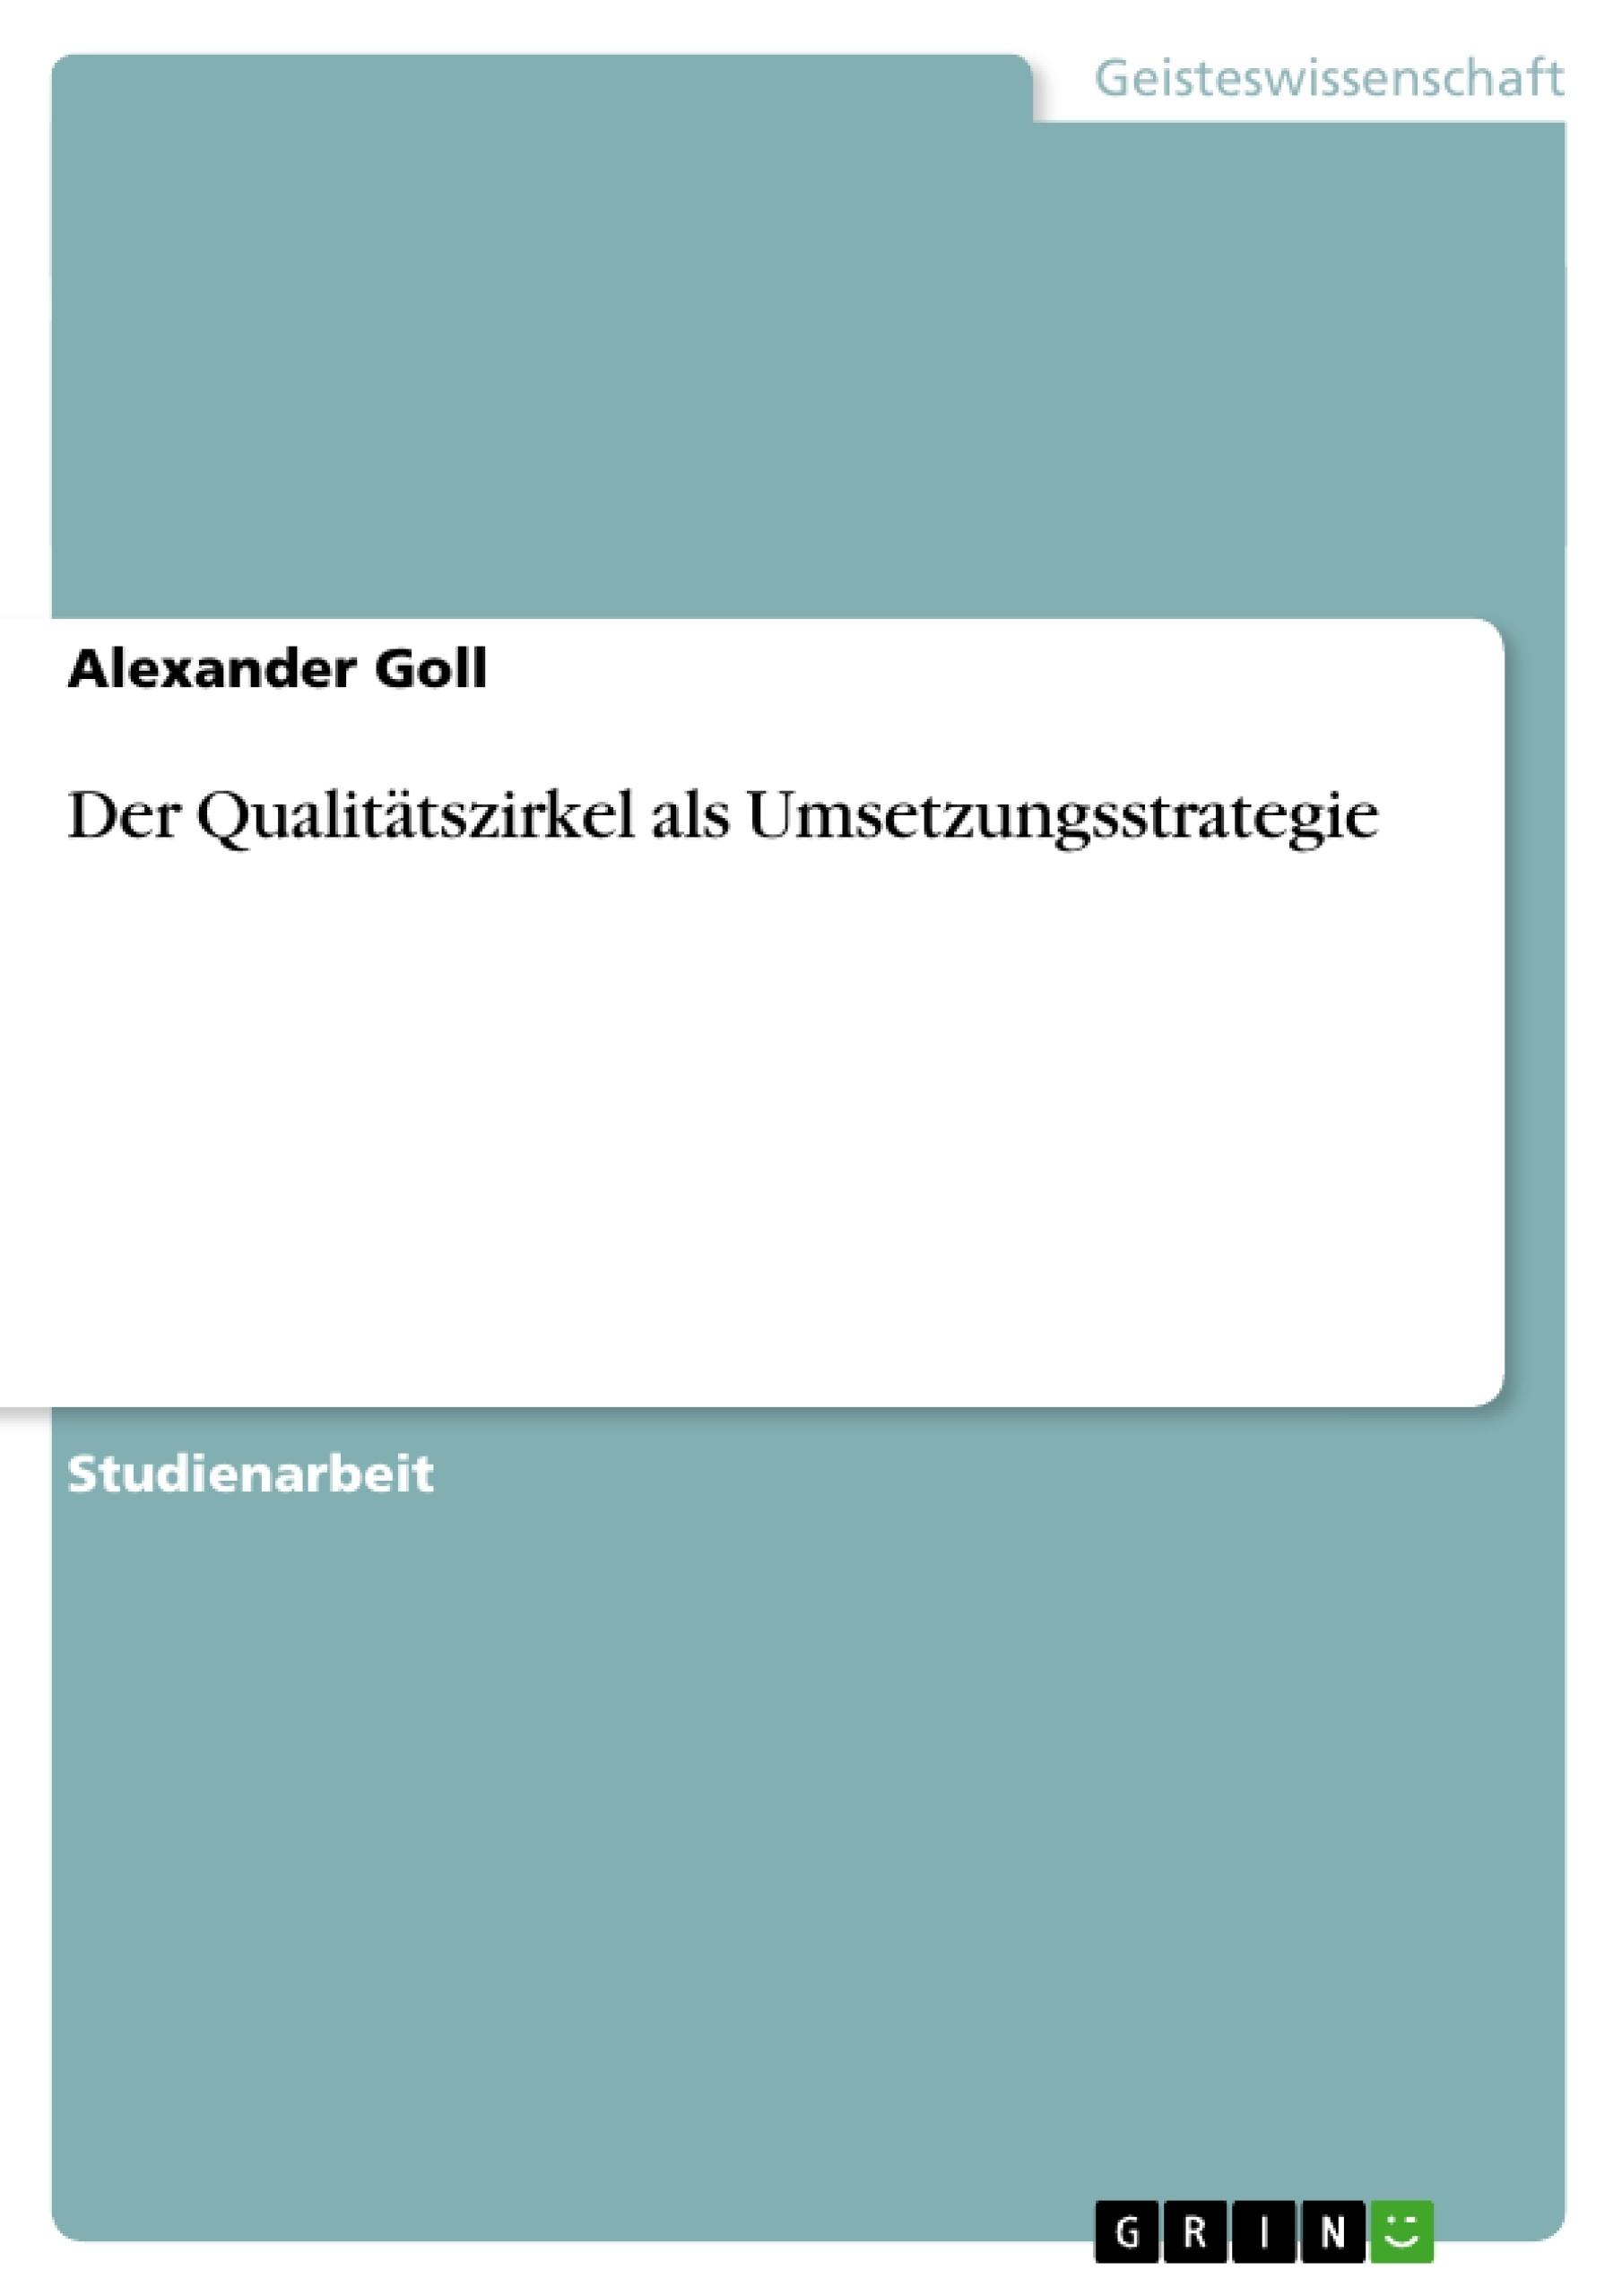 Titel: Der Qualitätszirkel als Umsetzungsstrategie